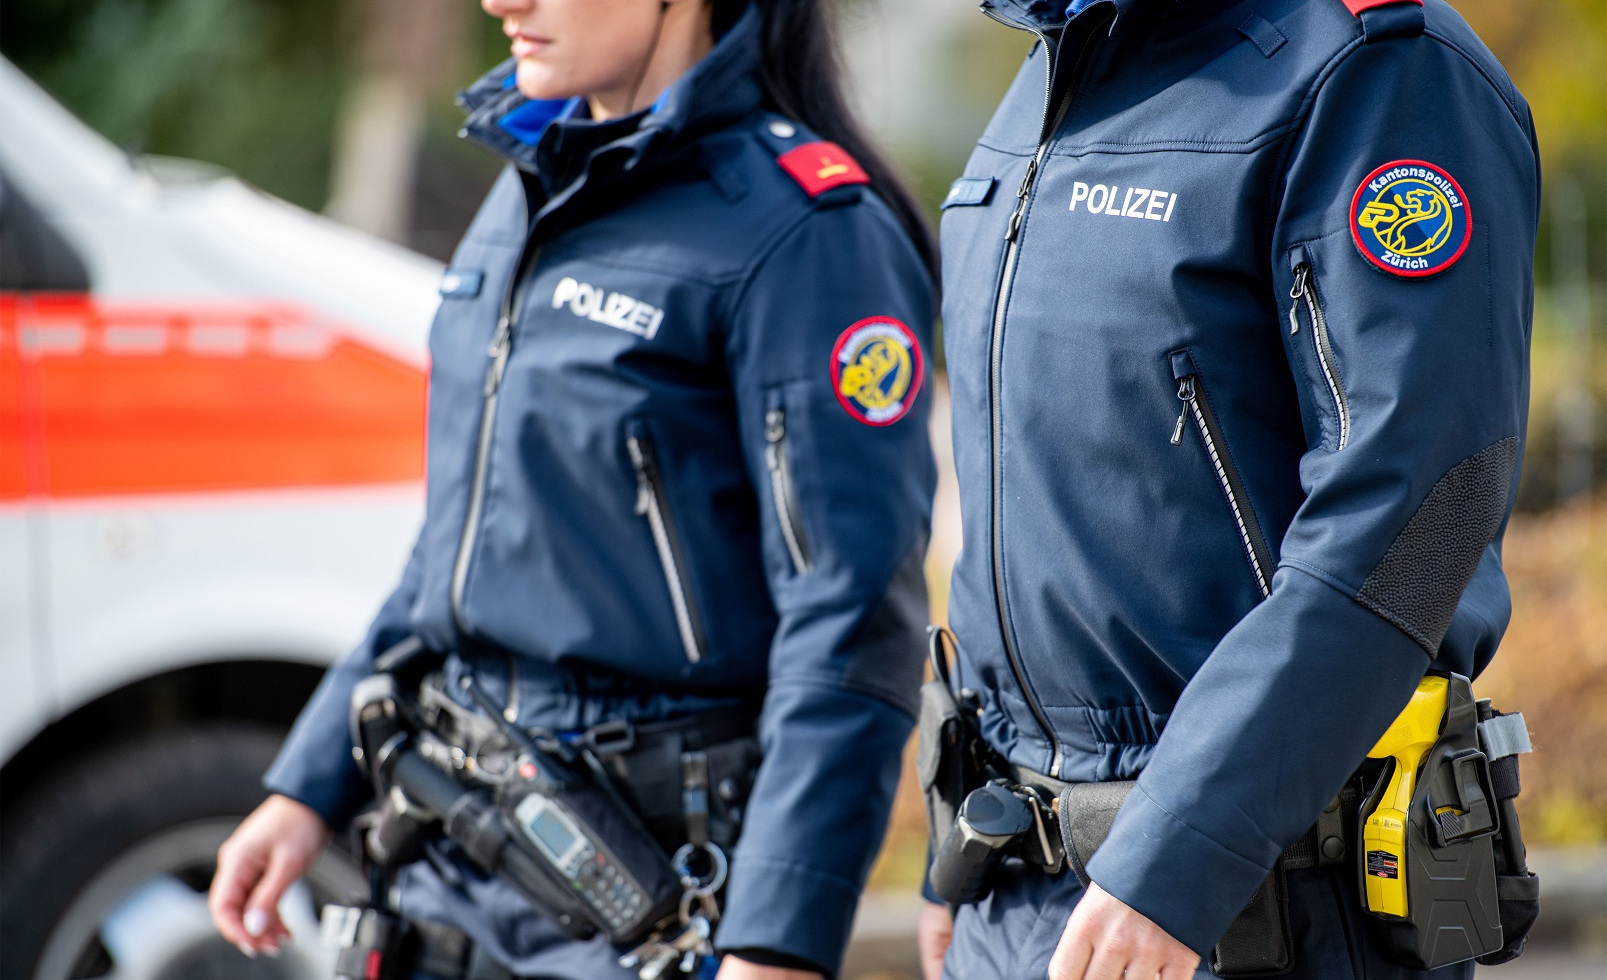 Die Kantonspolizei Zürich sorgt für die Sicherheit im Kanton Zürich. (Bild: Kapo ZH)